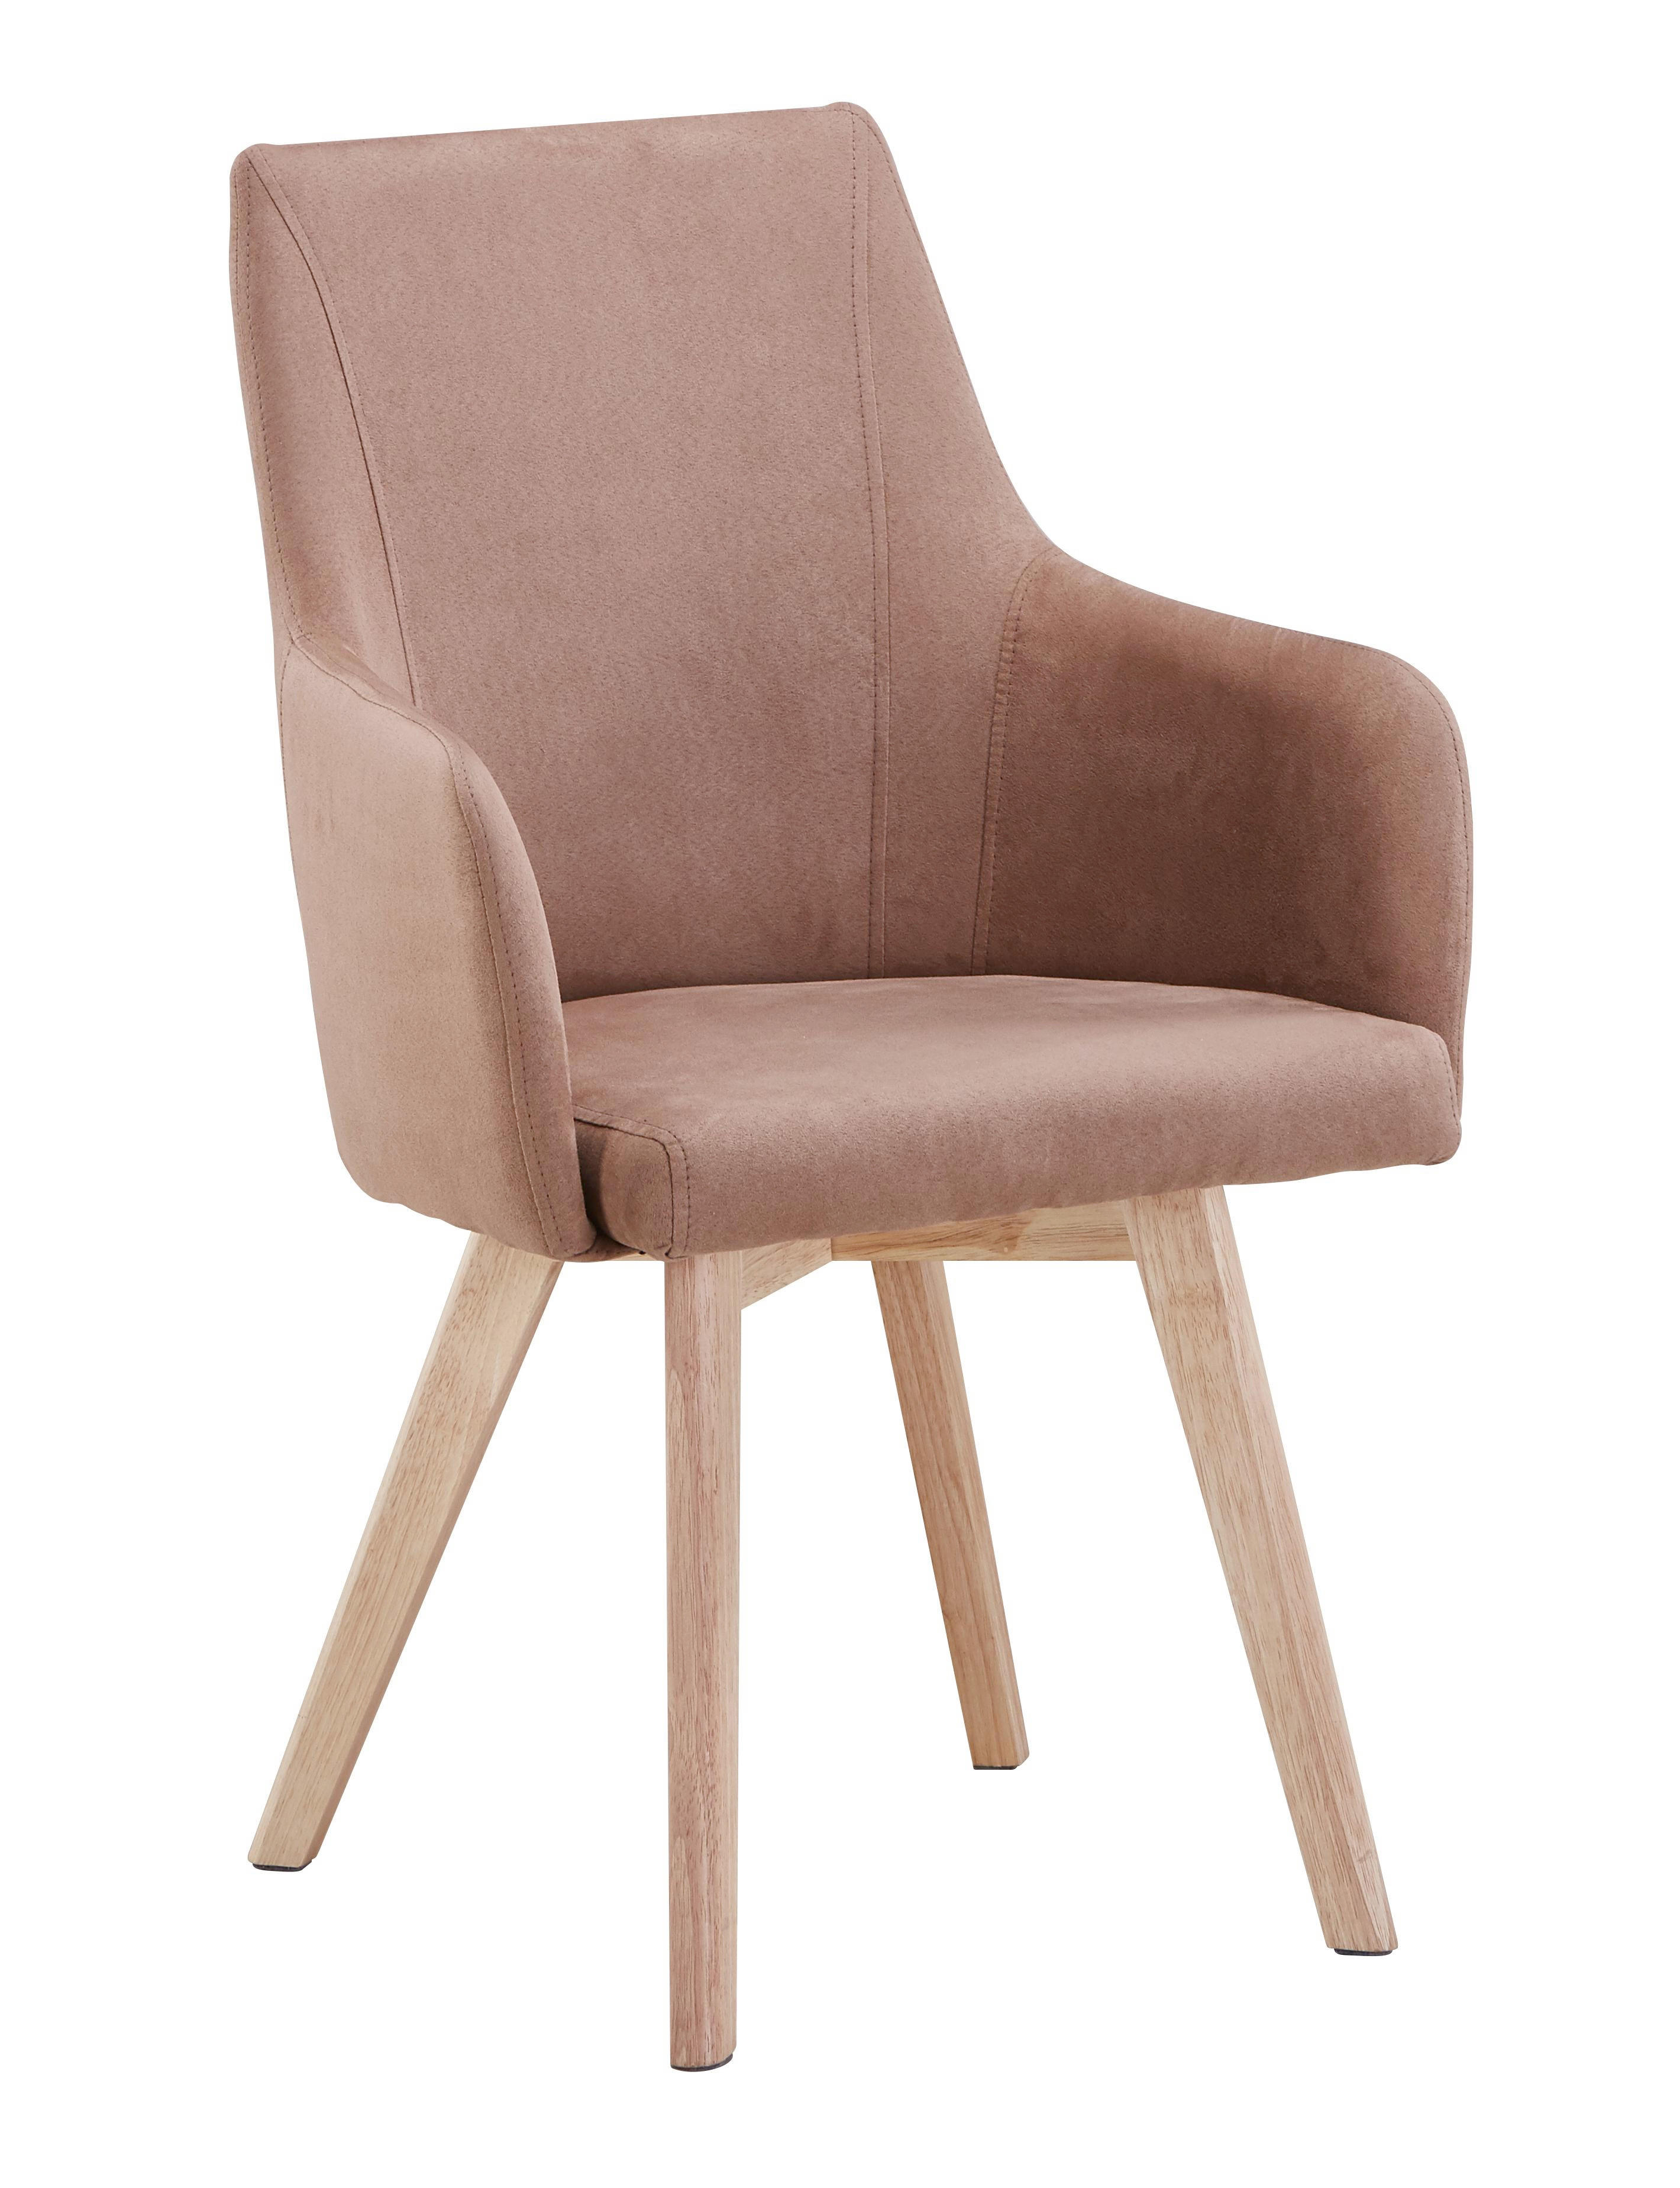 Fesselnde Esstisch Stühle Beige Dekoration Von